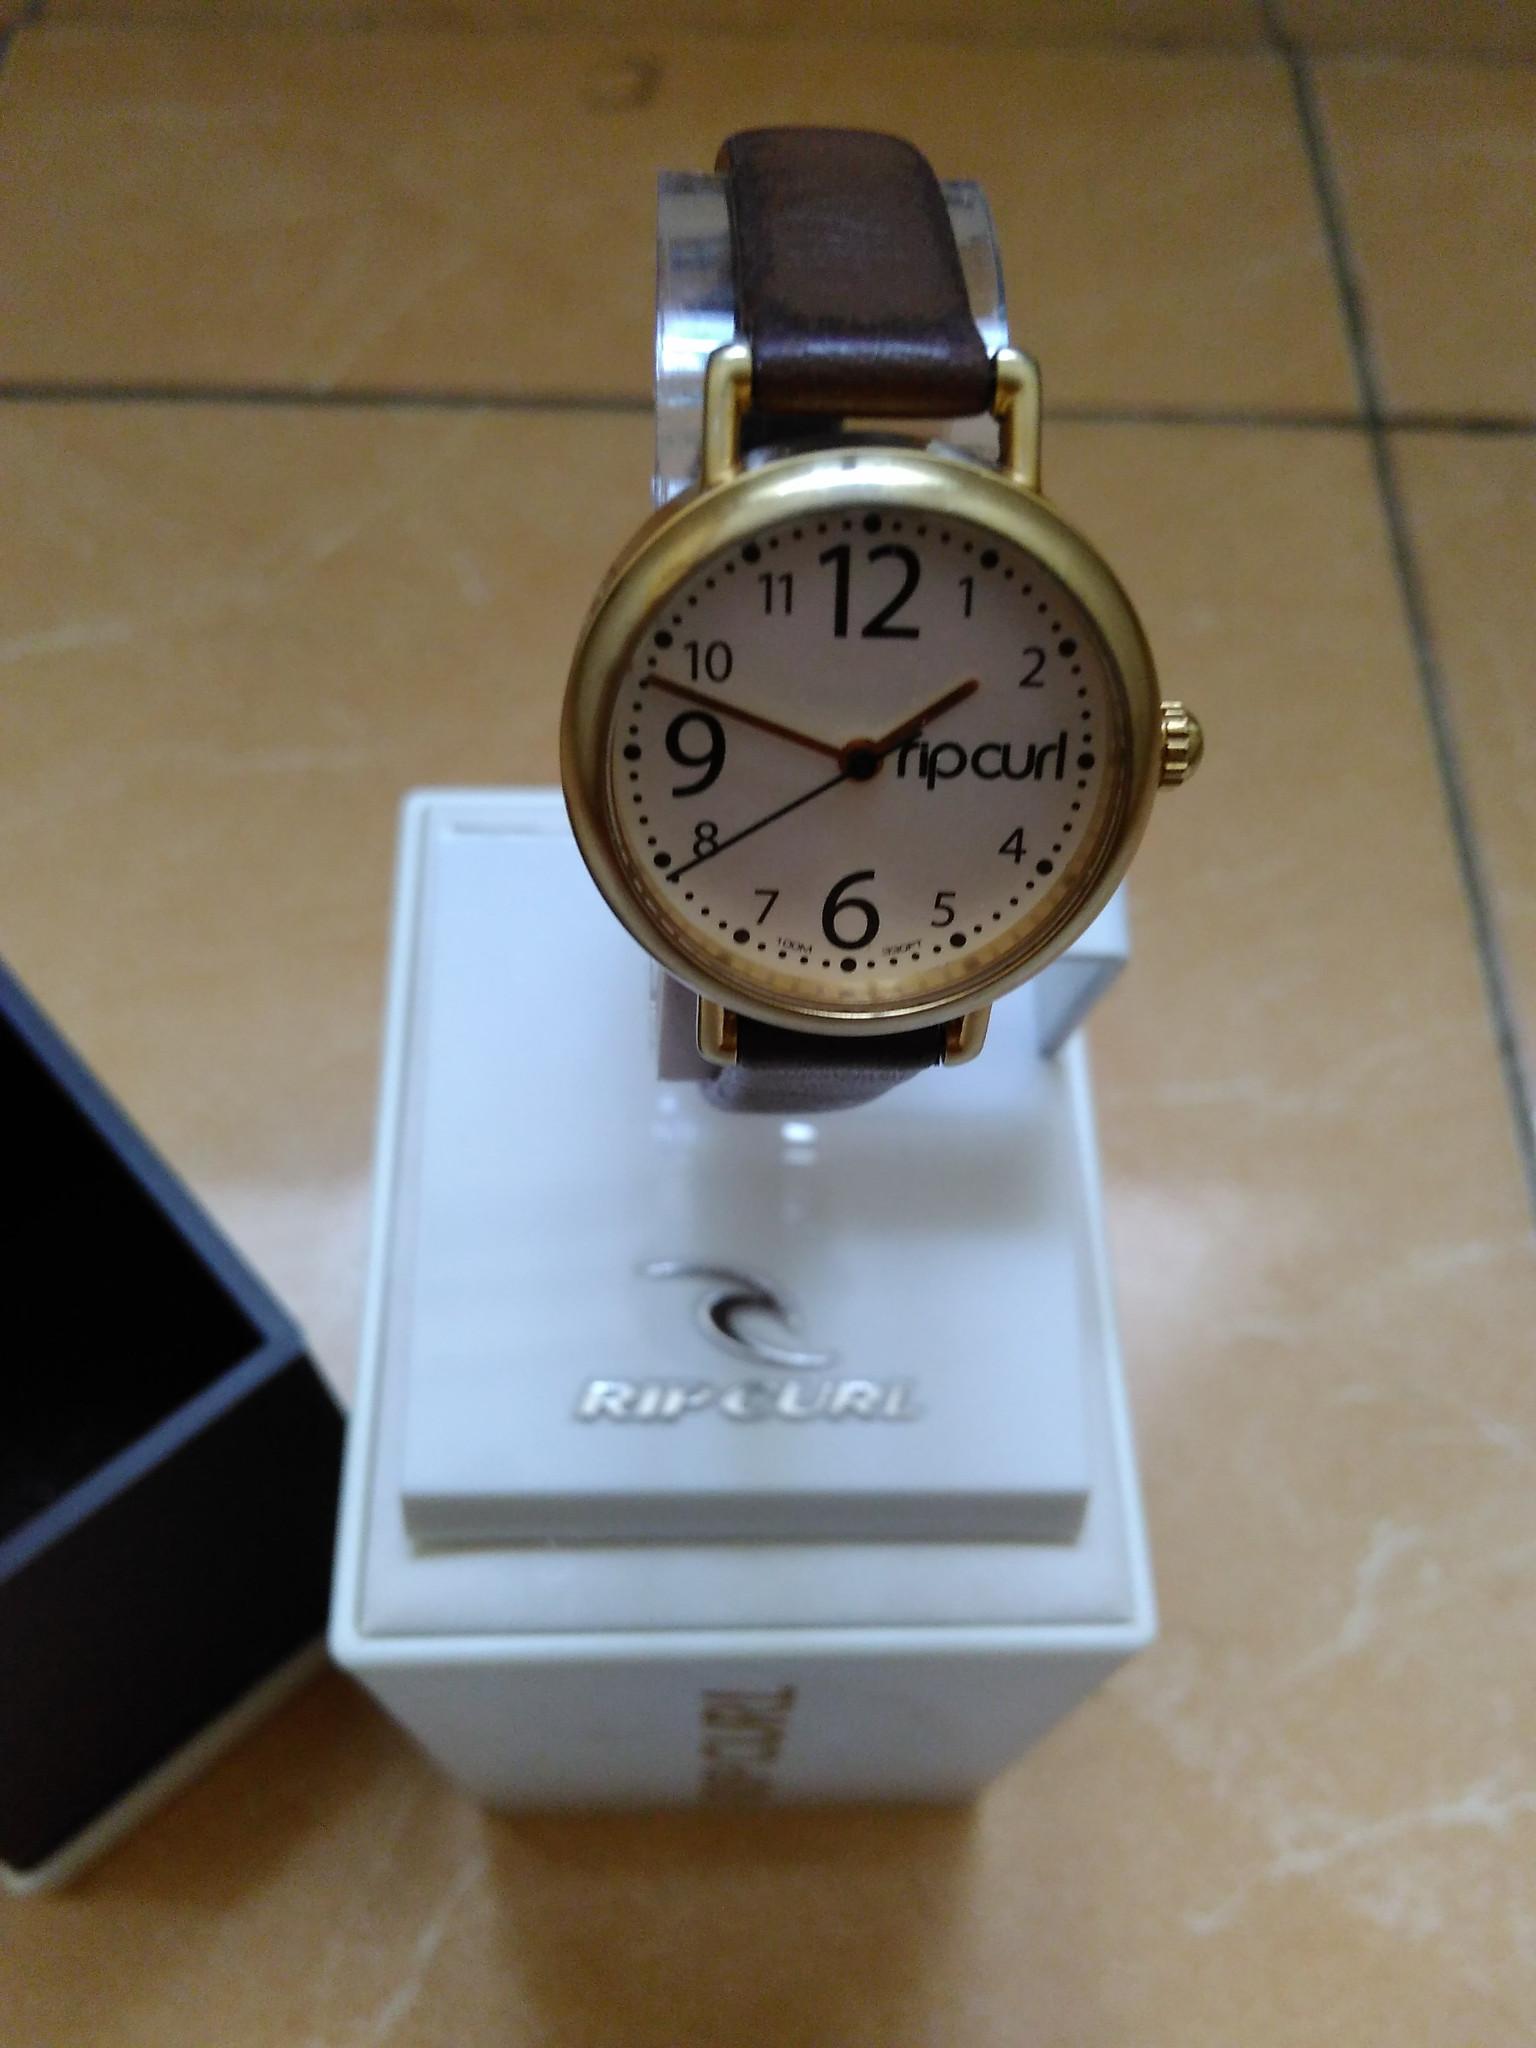 jam tangan analog rip curl lady cewek a2519g original murah